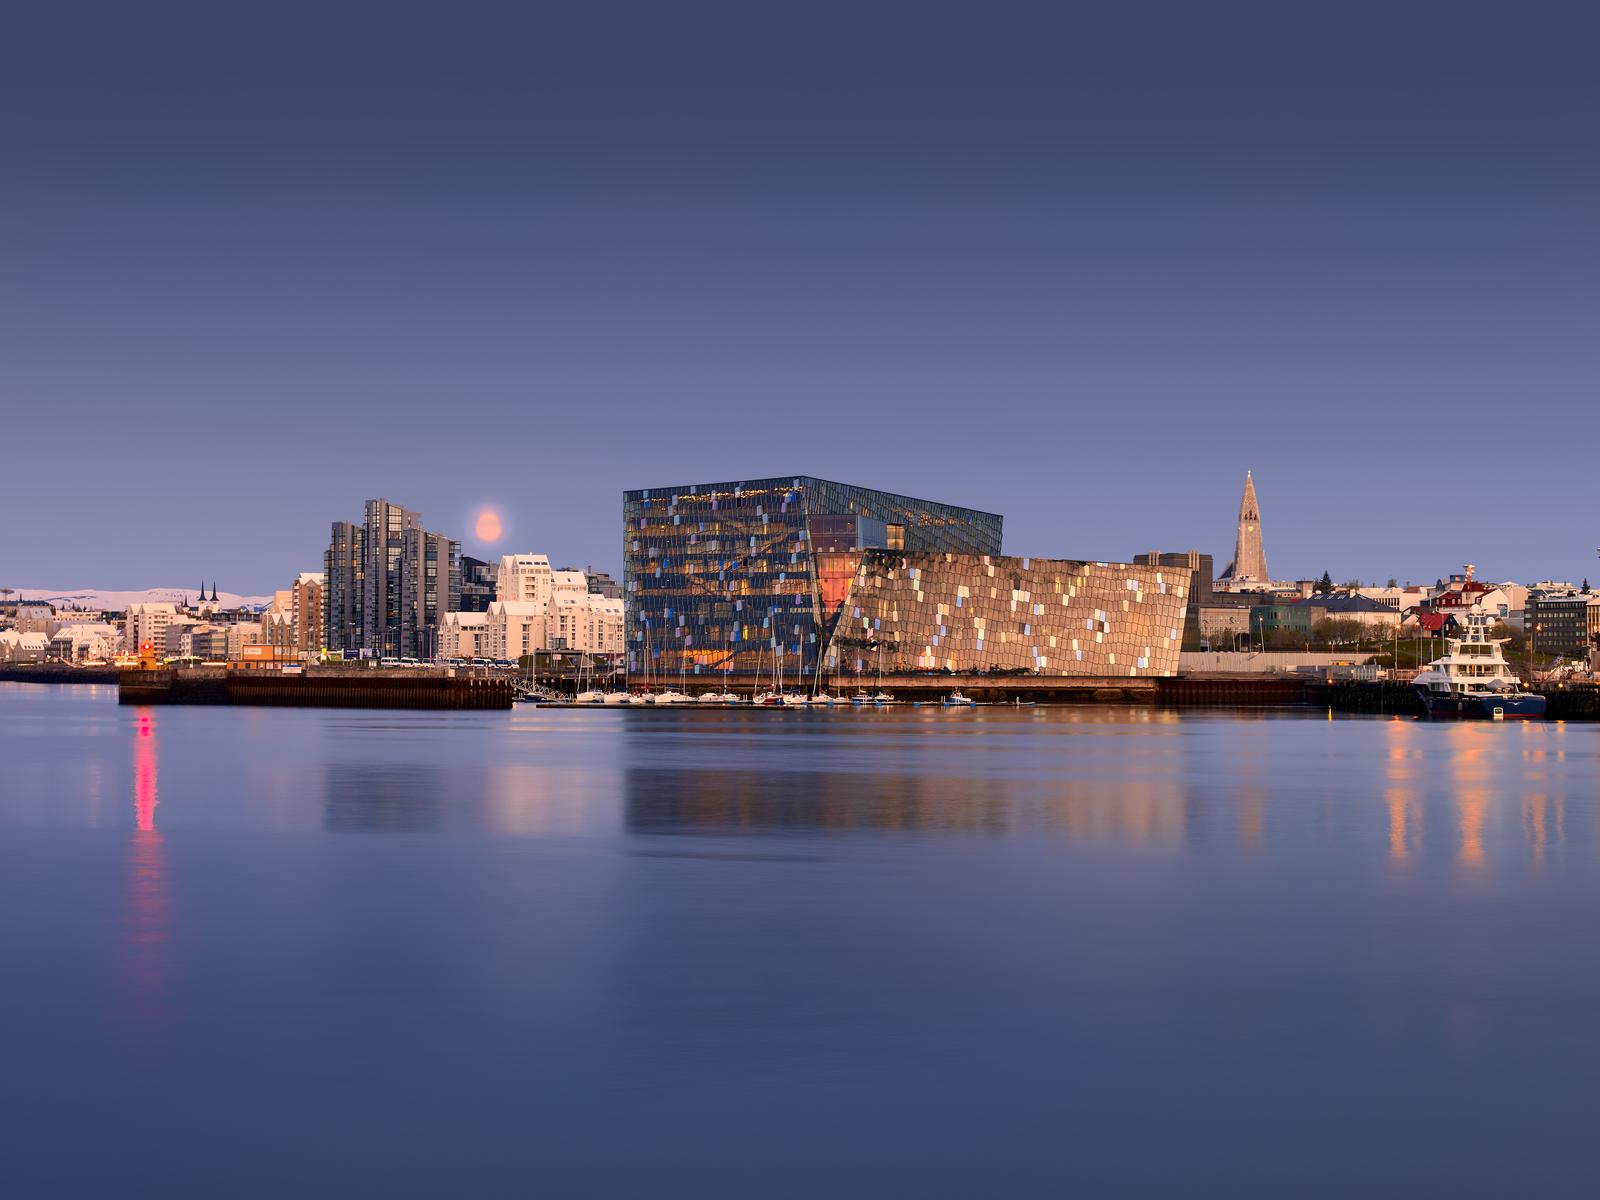 Icelandair Hotels har flest hoteller i og omkring den islandske hovedstad, Reykjavik. Den store bygning er koncert- og operahuset Harpa. Foto: Visit Reykjavik, Ragnar Th.